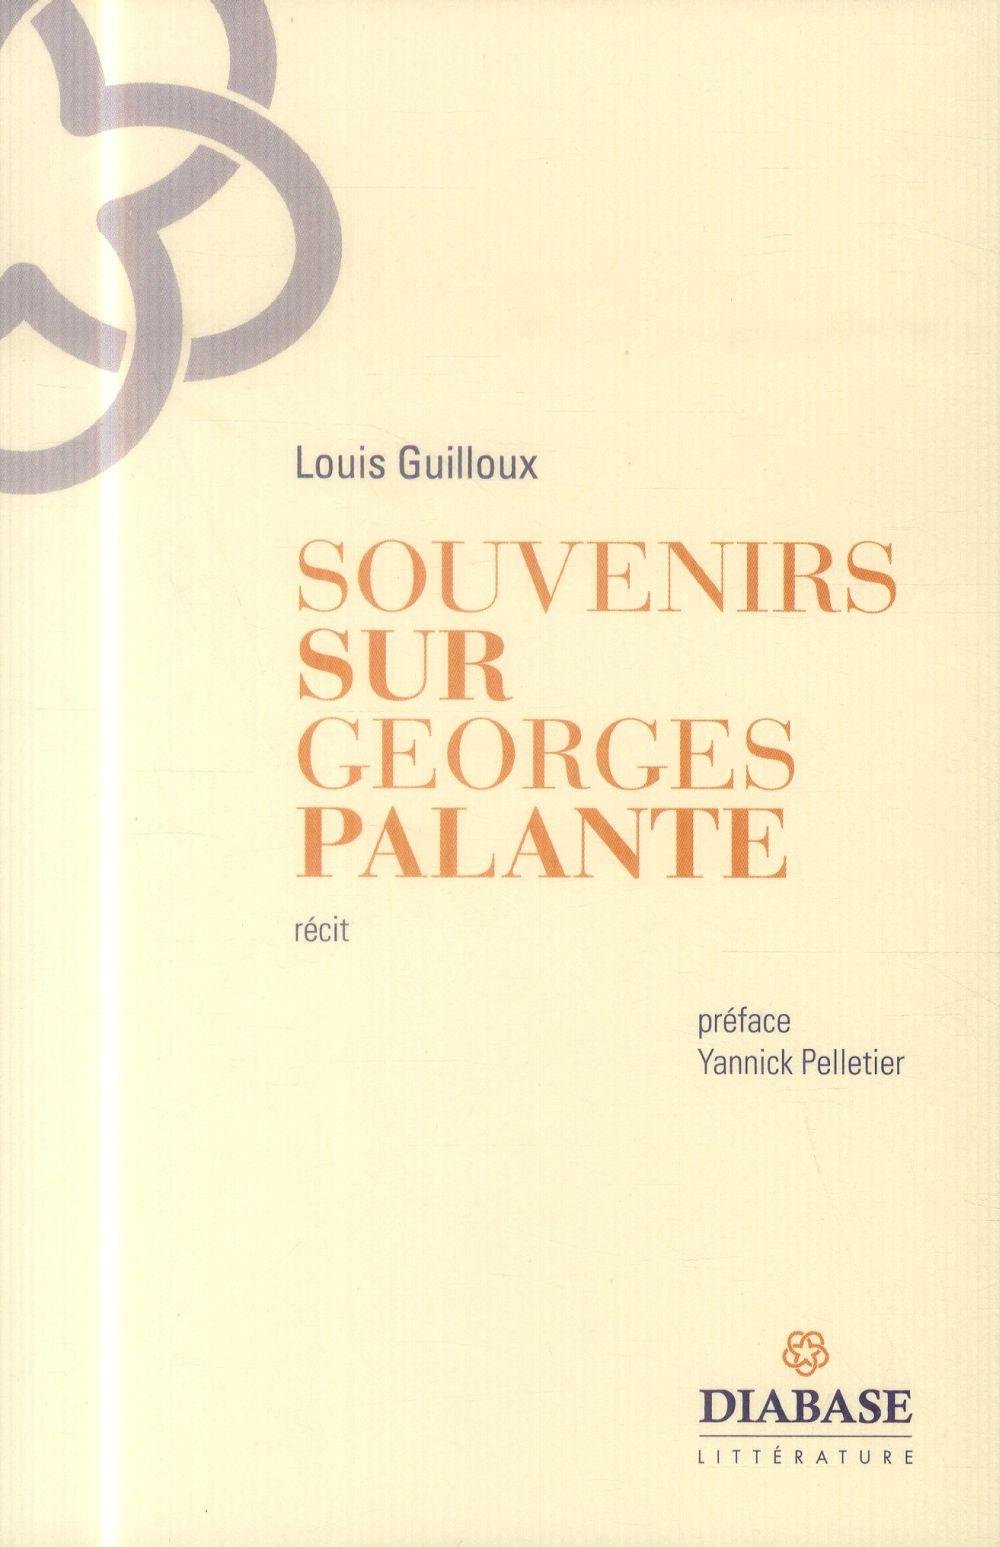 SOUVENIRS SUR GEORGES PALANTE : RECIT